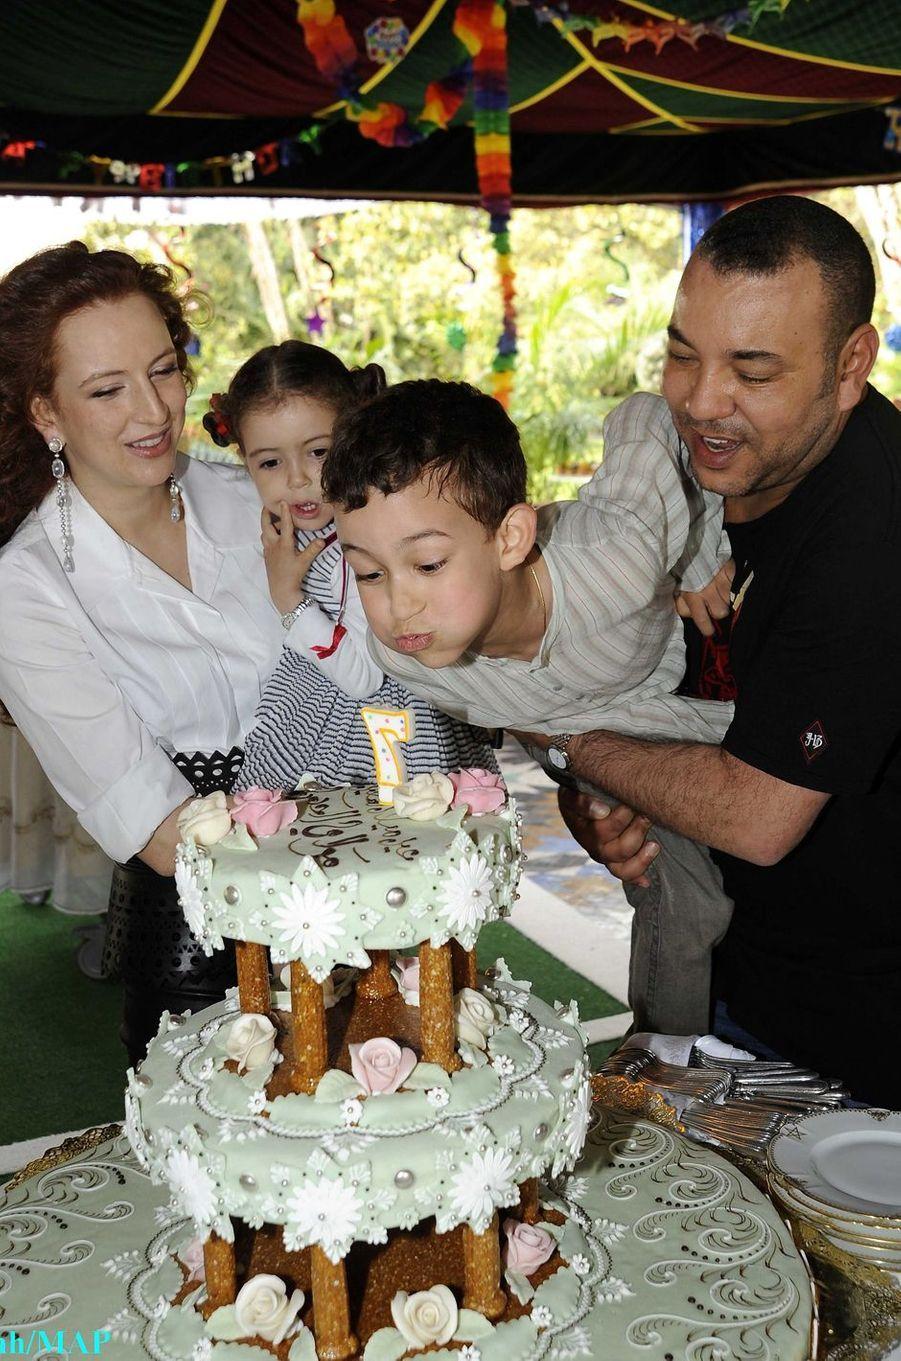 Le prince Moulay El Hassan du Maroc avec ses parents et sa petite soeur, le 8 mai 2010